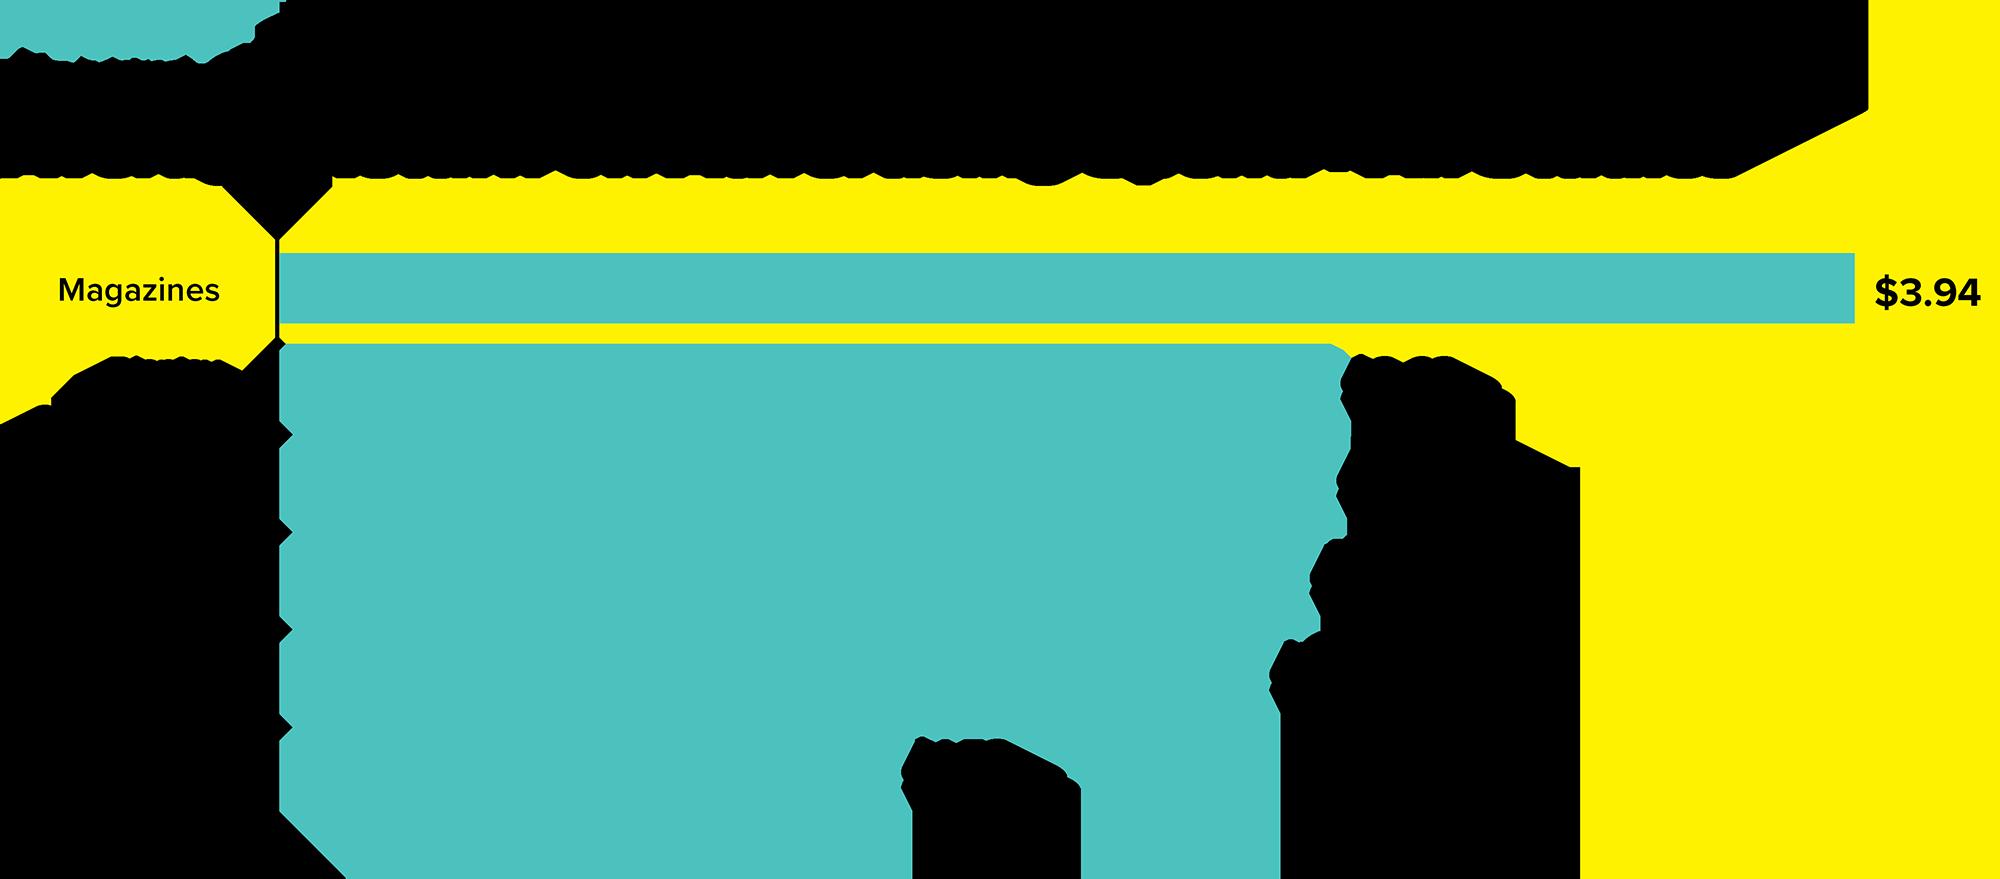 Average Return on Advertising Spend - All Studies